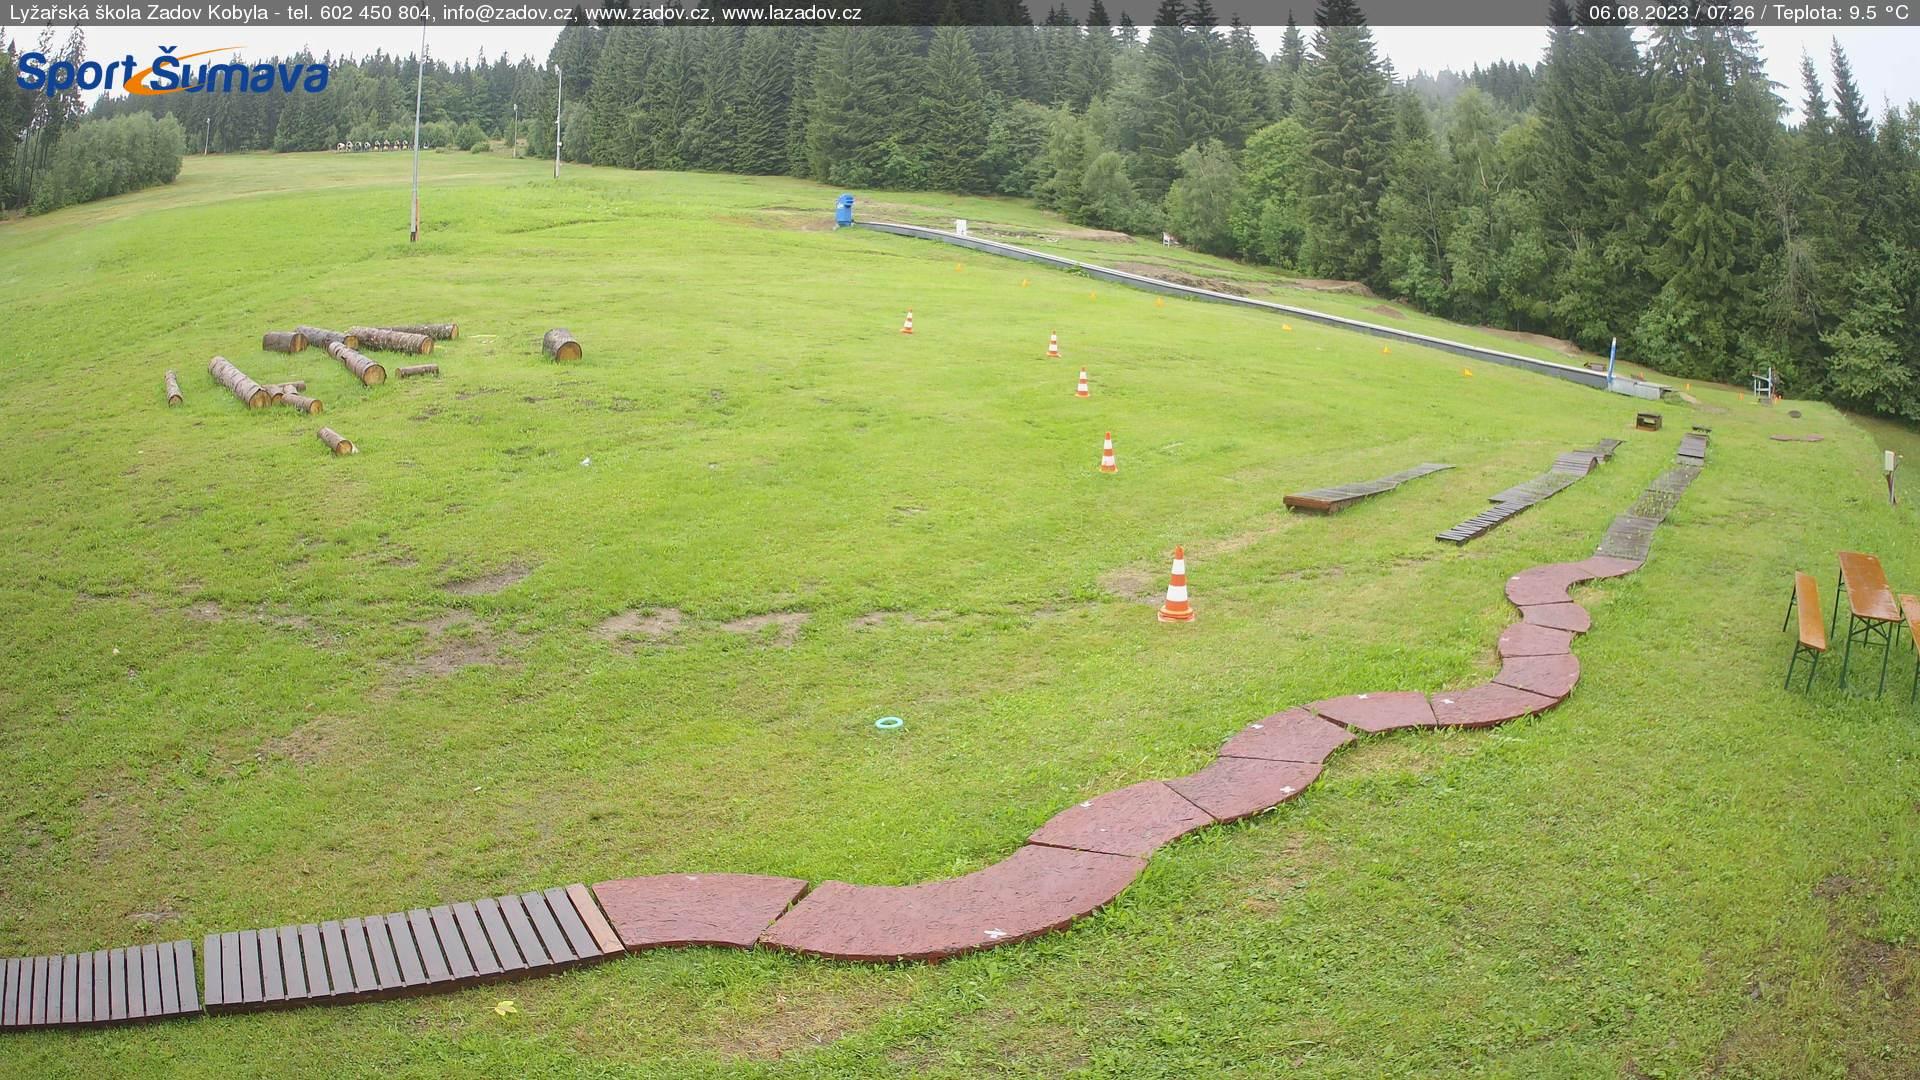 Webcam Skigebied Zadov - Churanov Skischule - Bohemer Woud